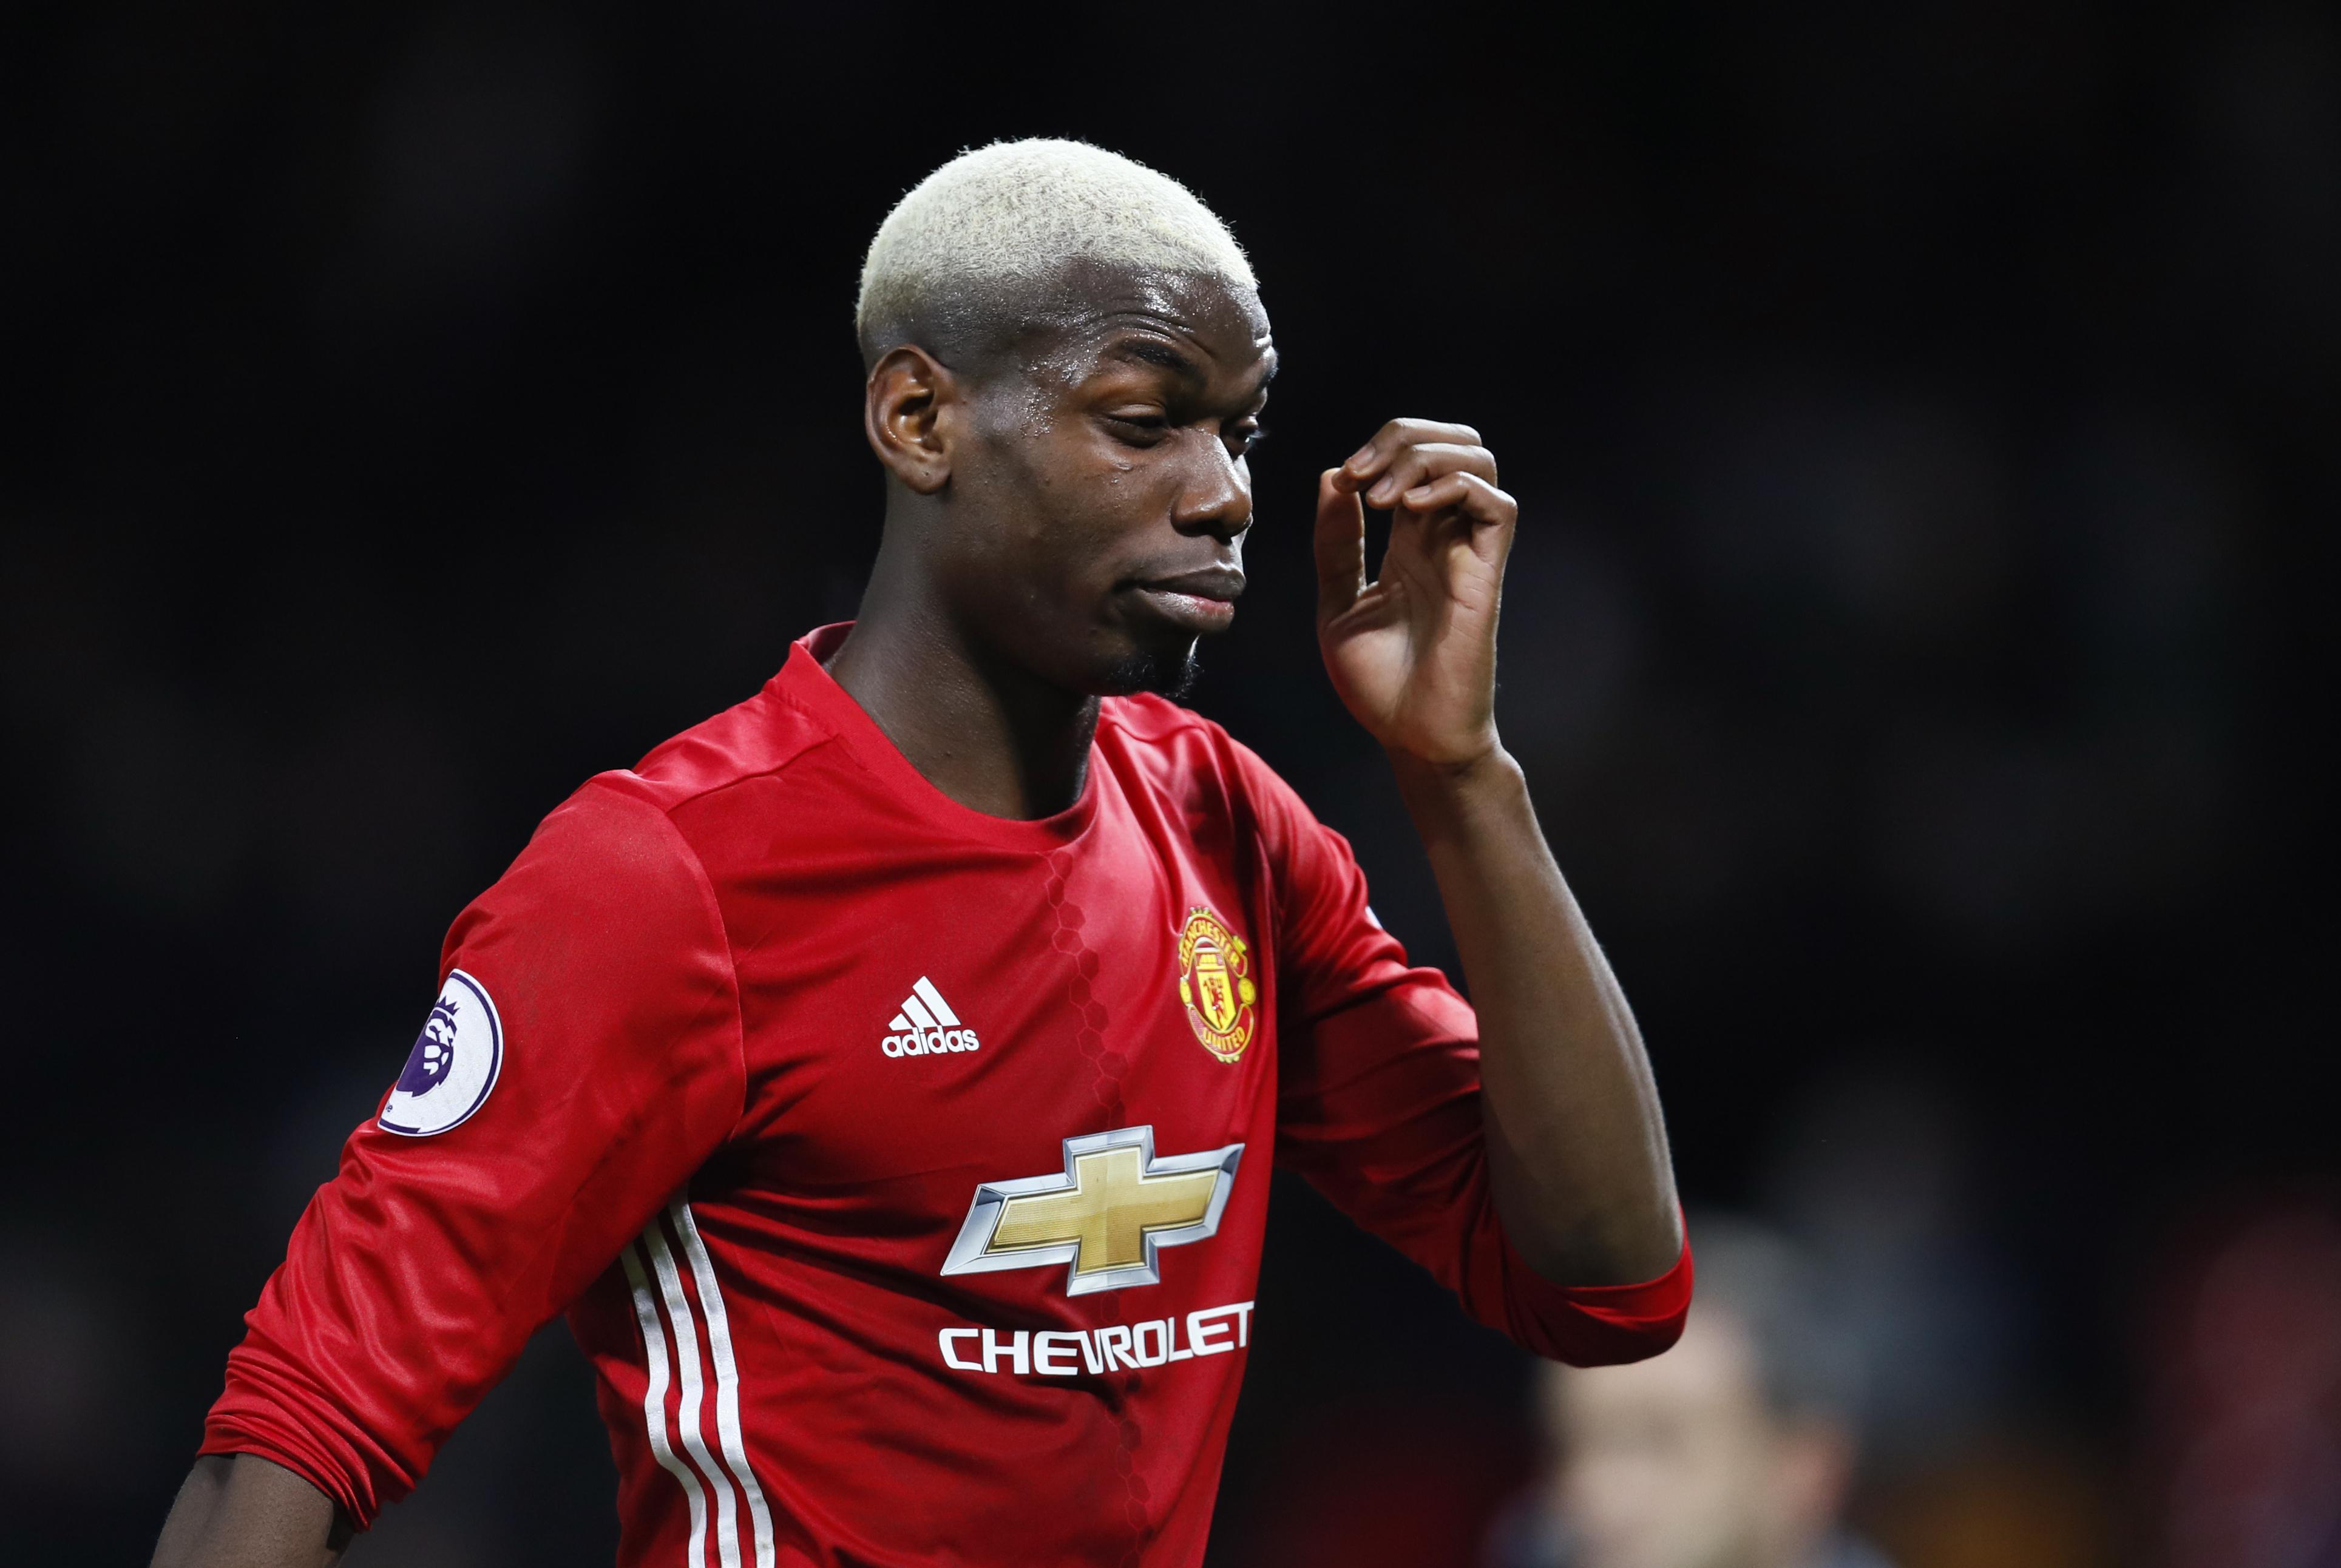 Football: Pogba will prove his worth at Man United, says Mkhitaryan